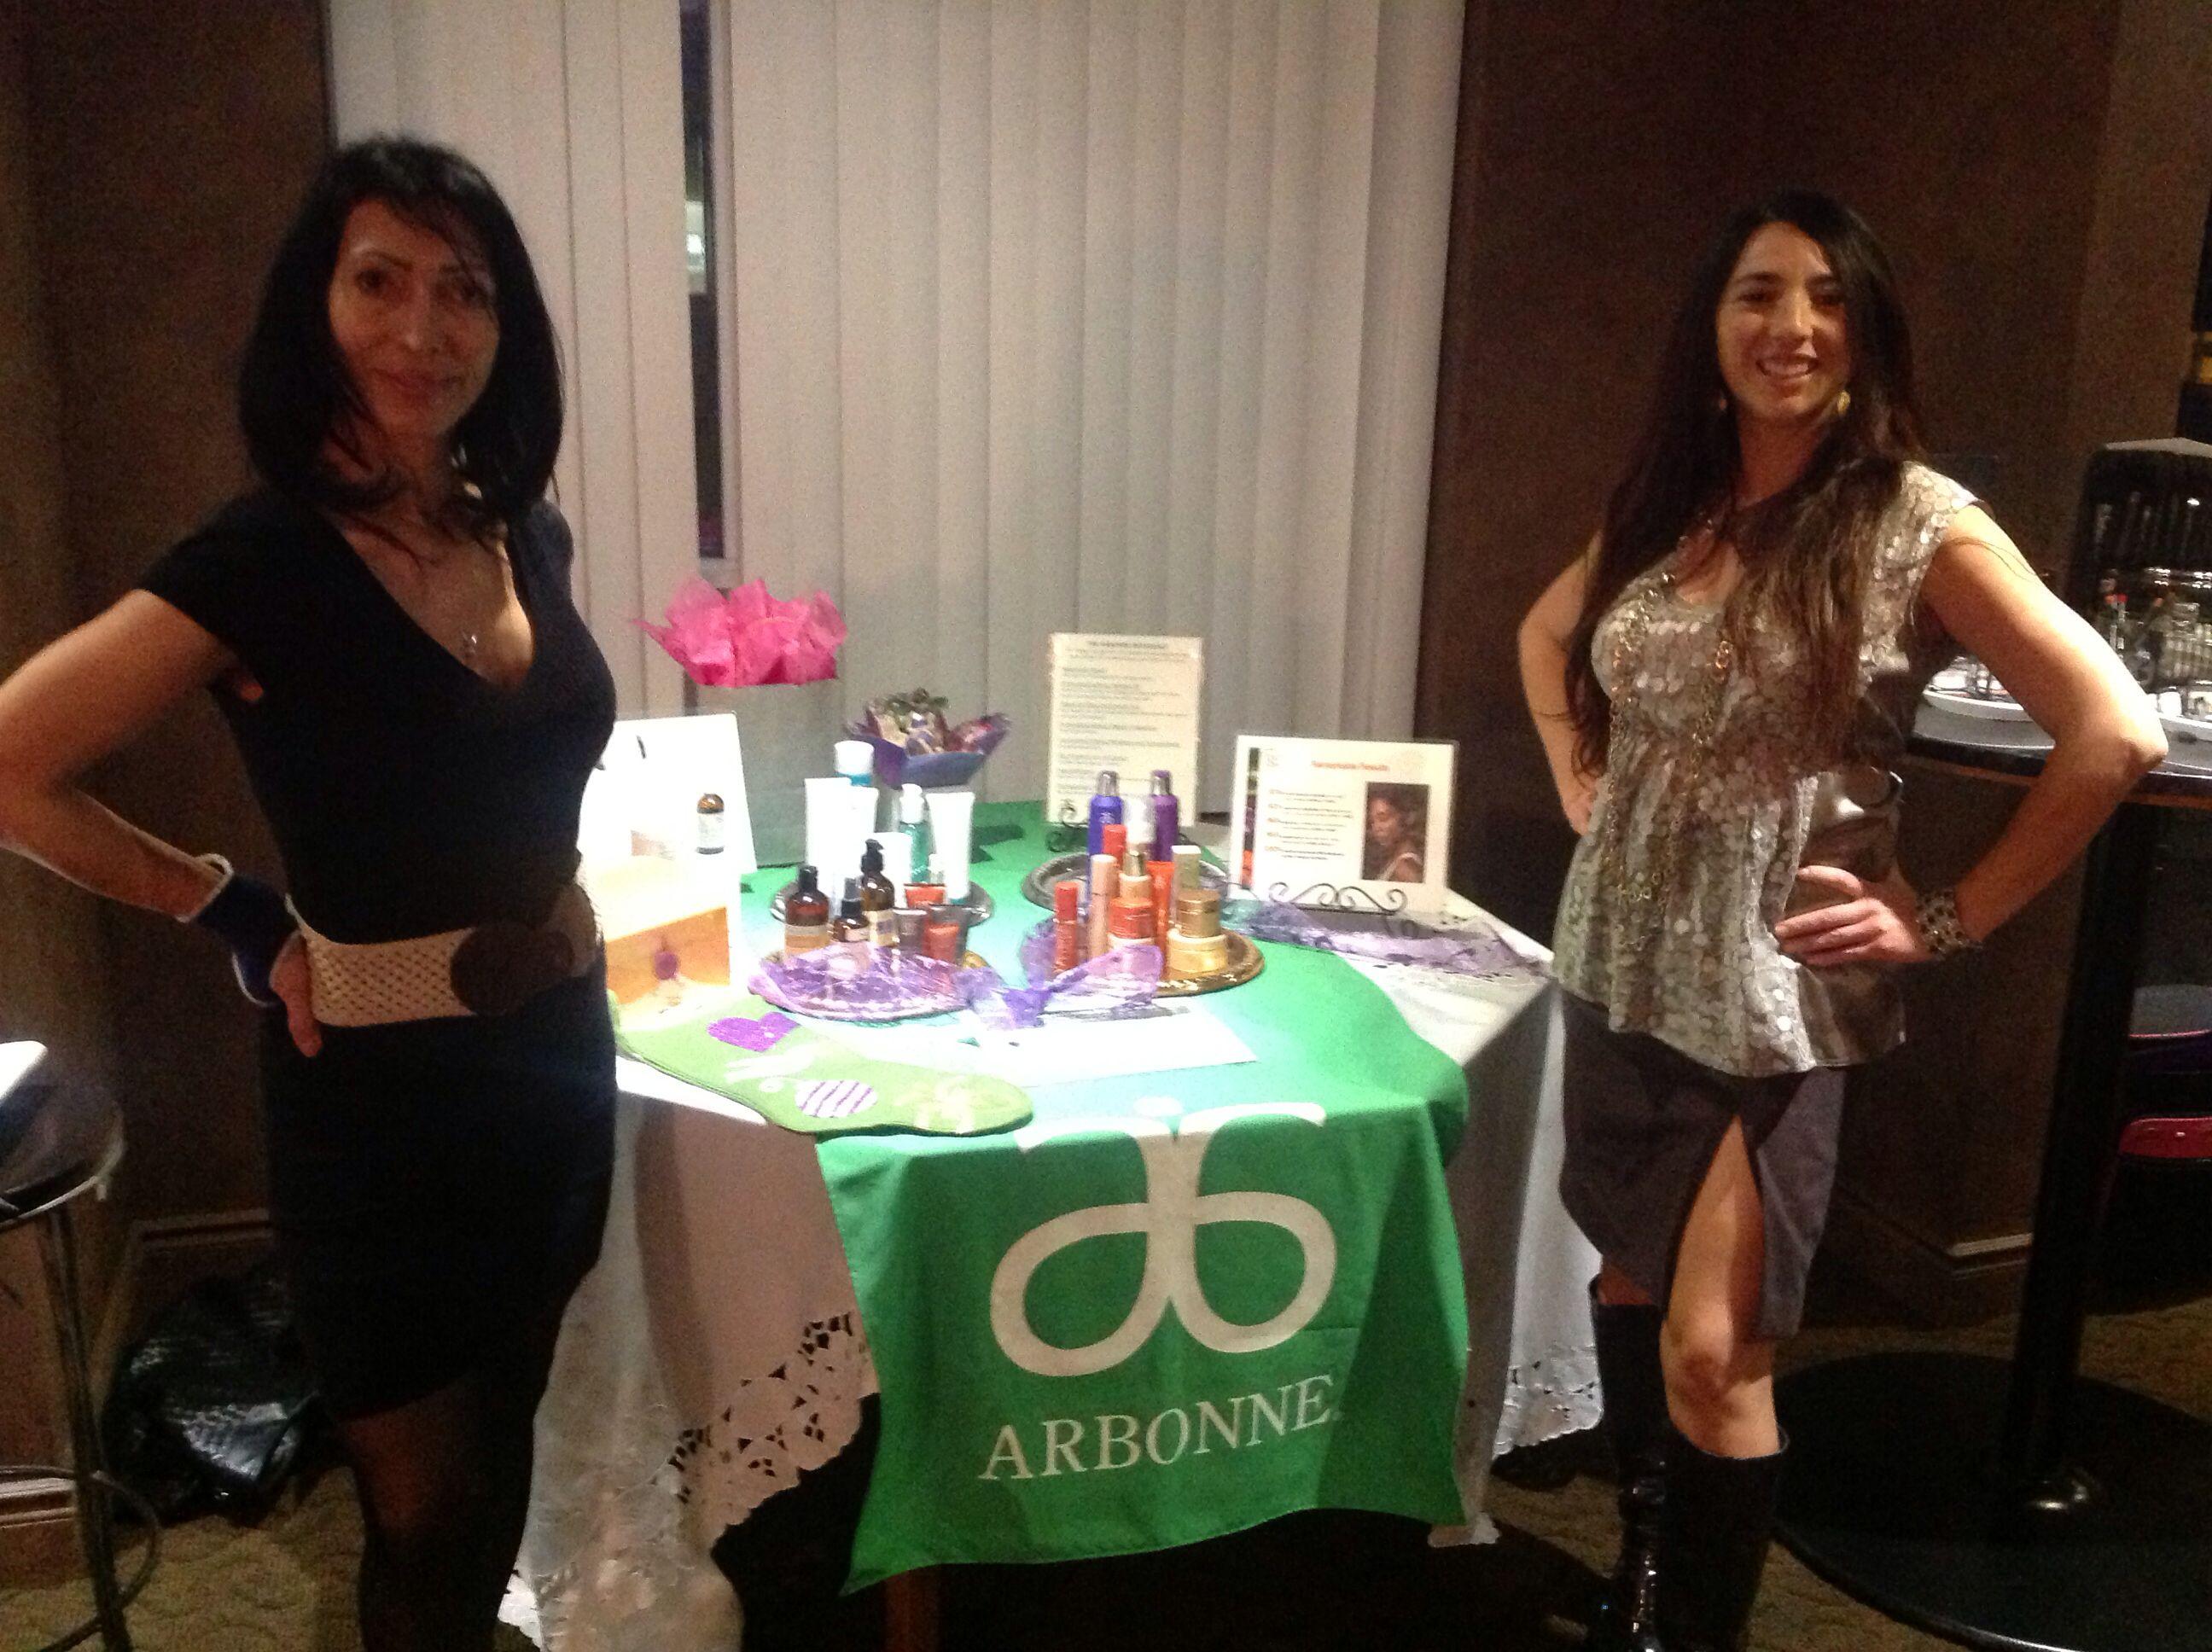 Arbonne launch party! Nice table set up | Arbonne ...